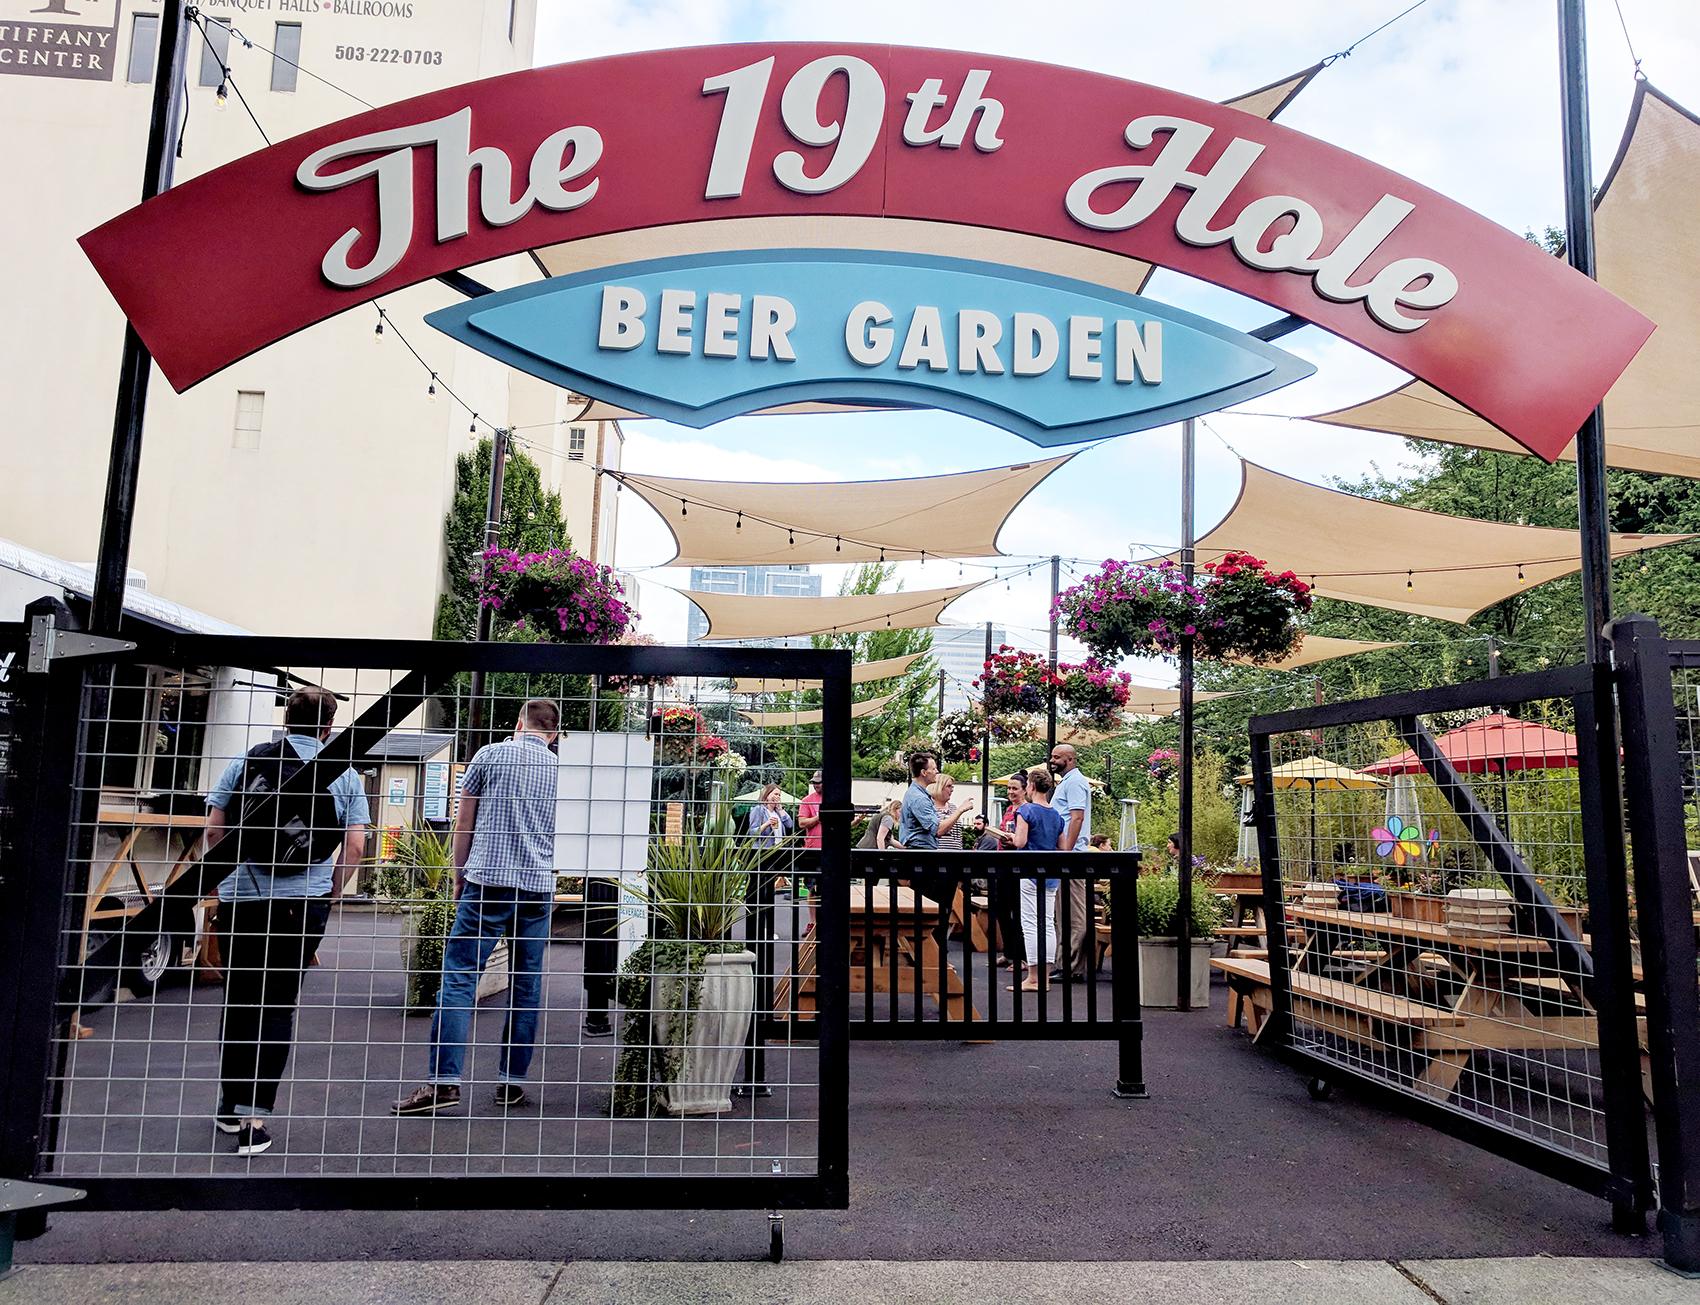 19th-Hotel-Beer-Garden.jpg